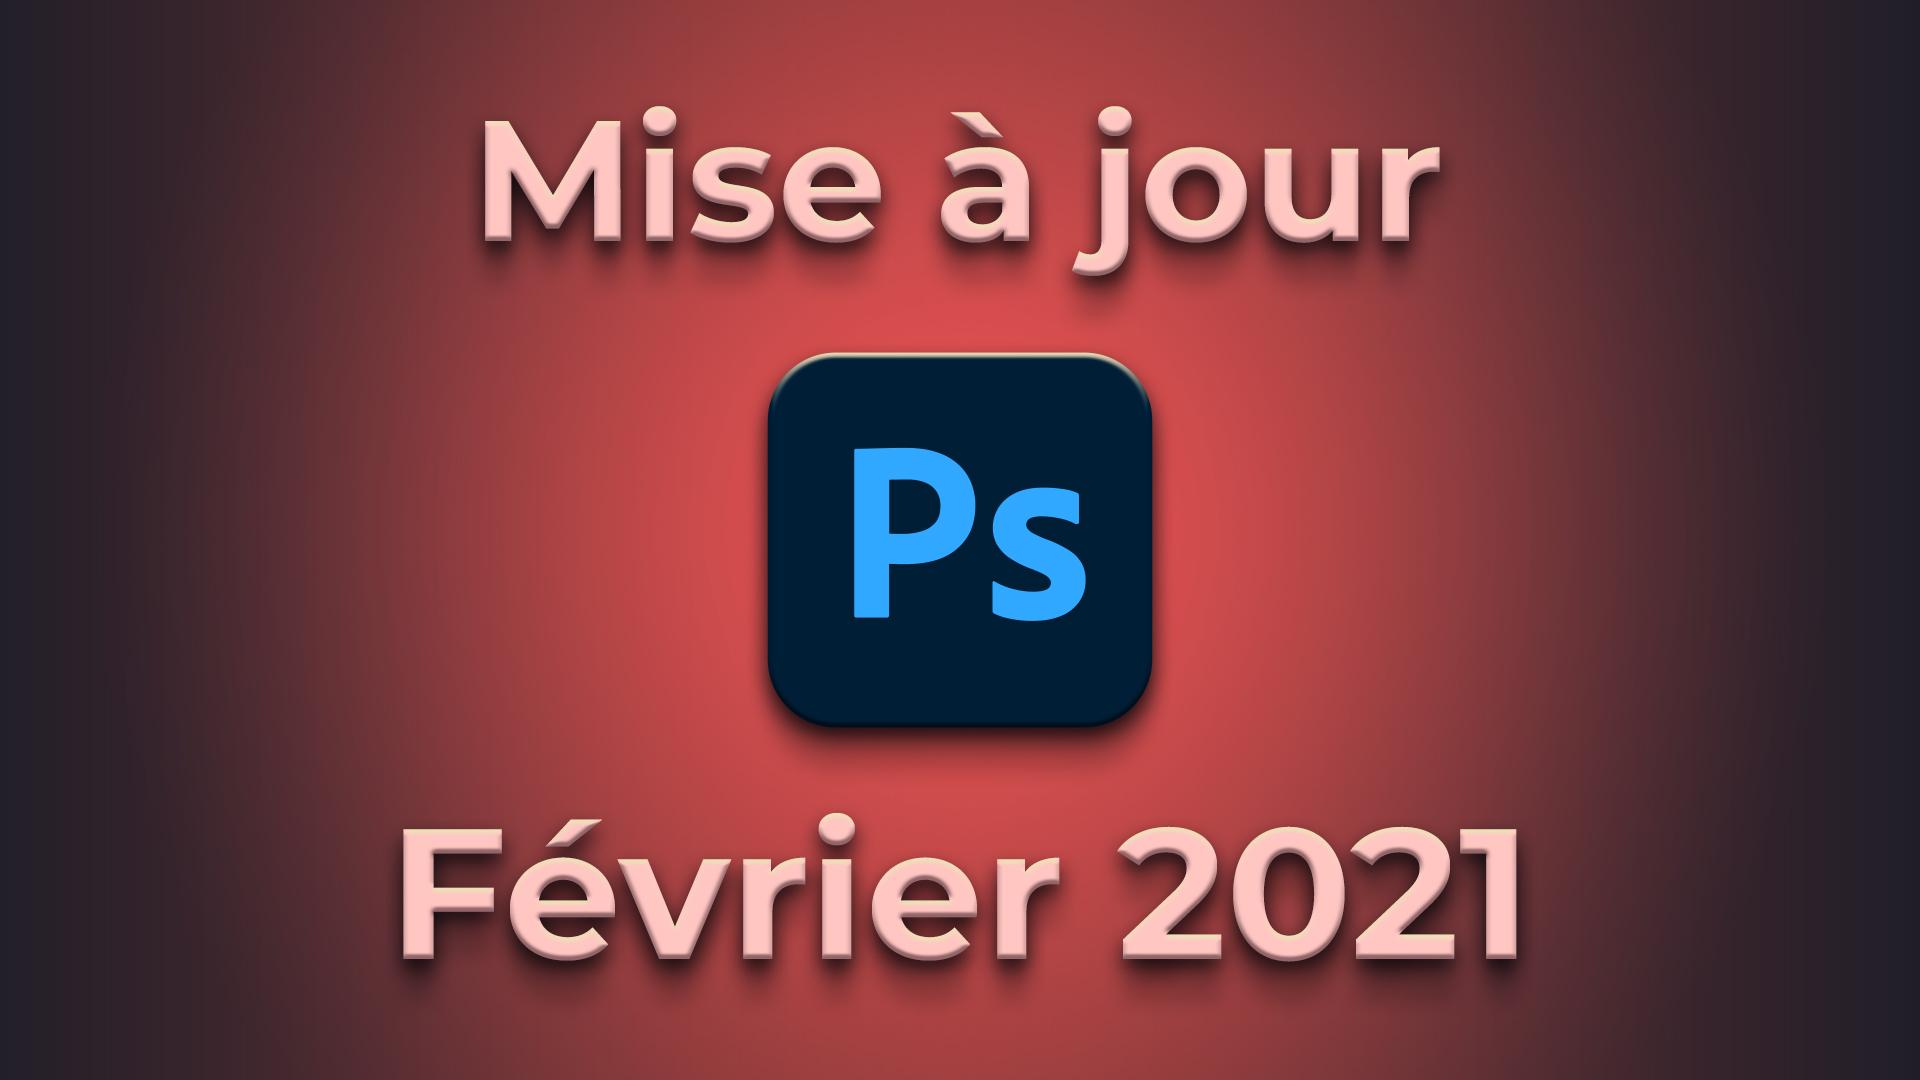 Mise à jour Photoshop CC 2021 (février 2021)